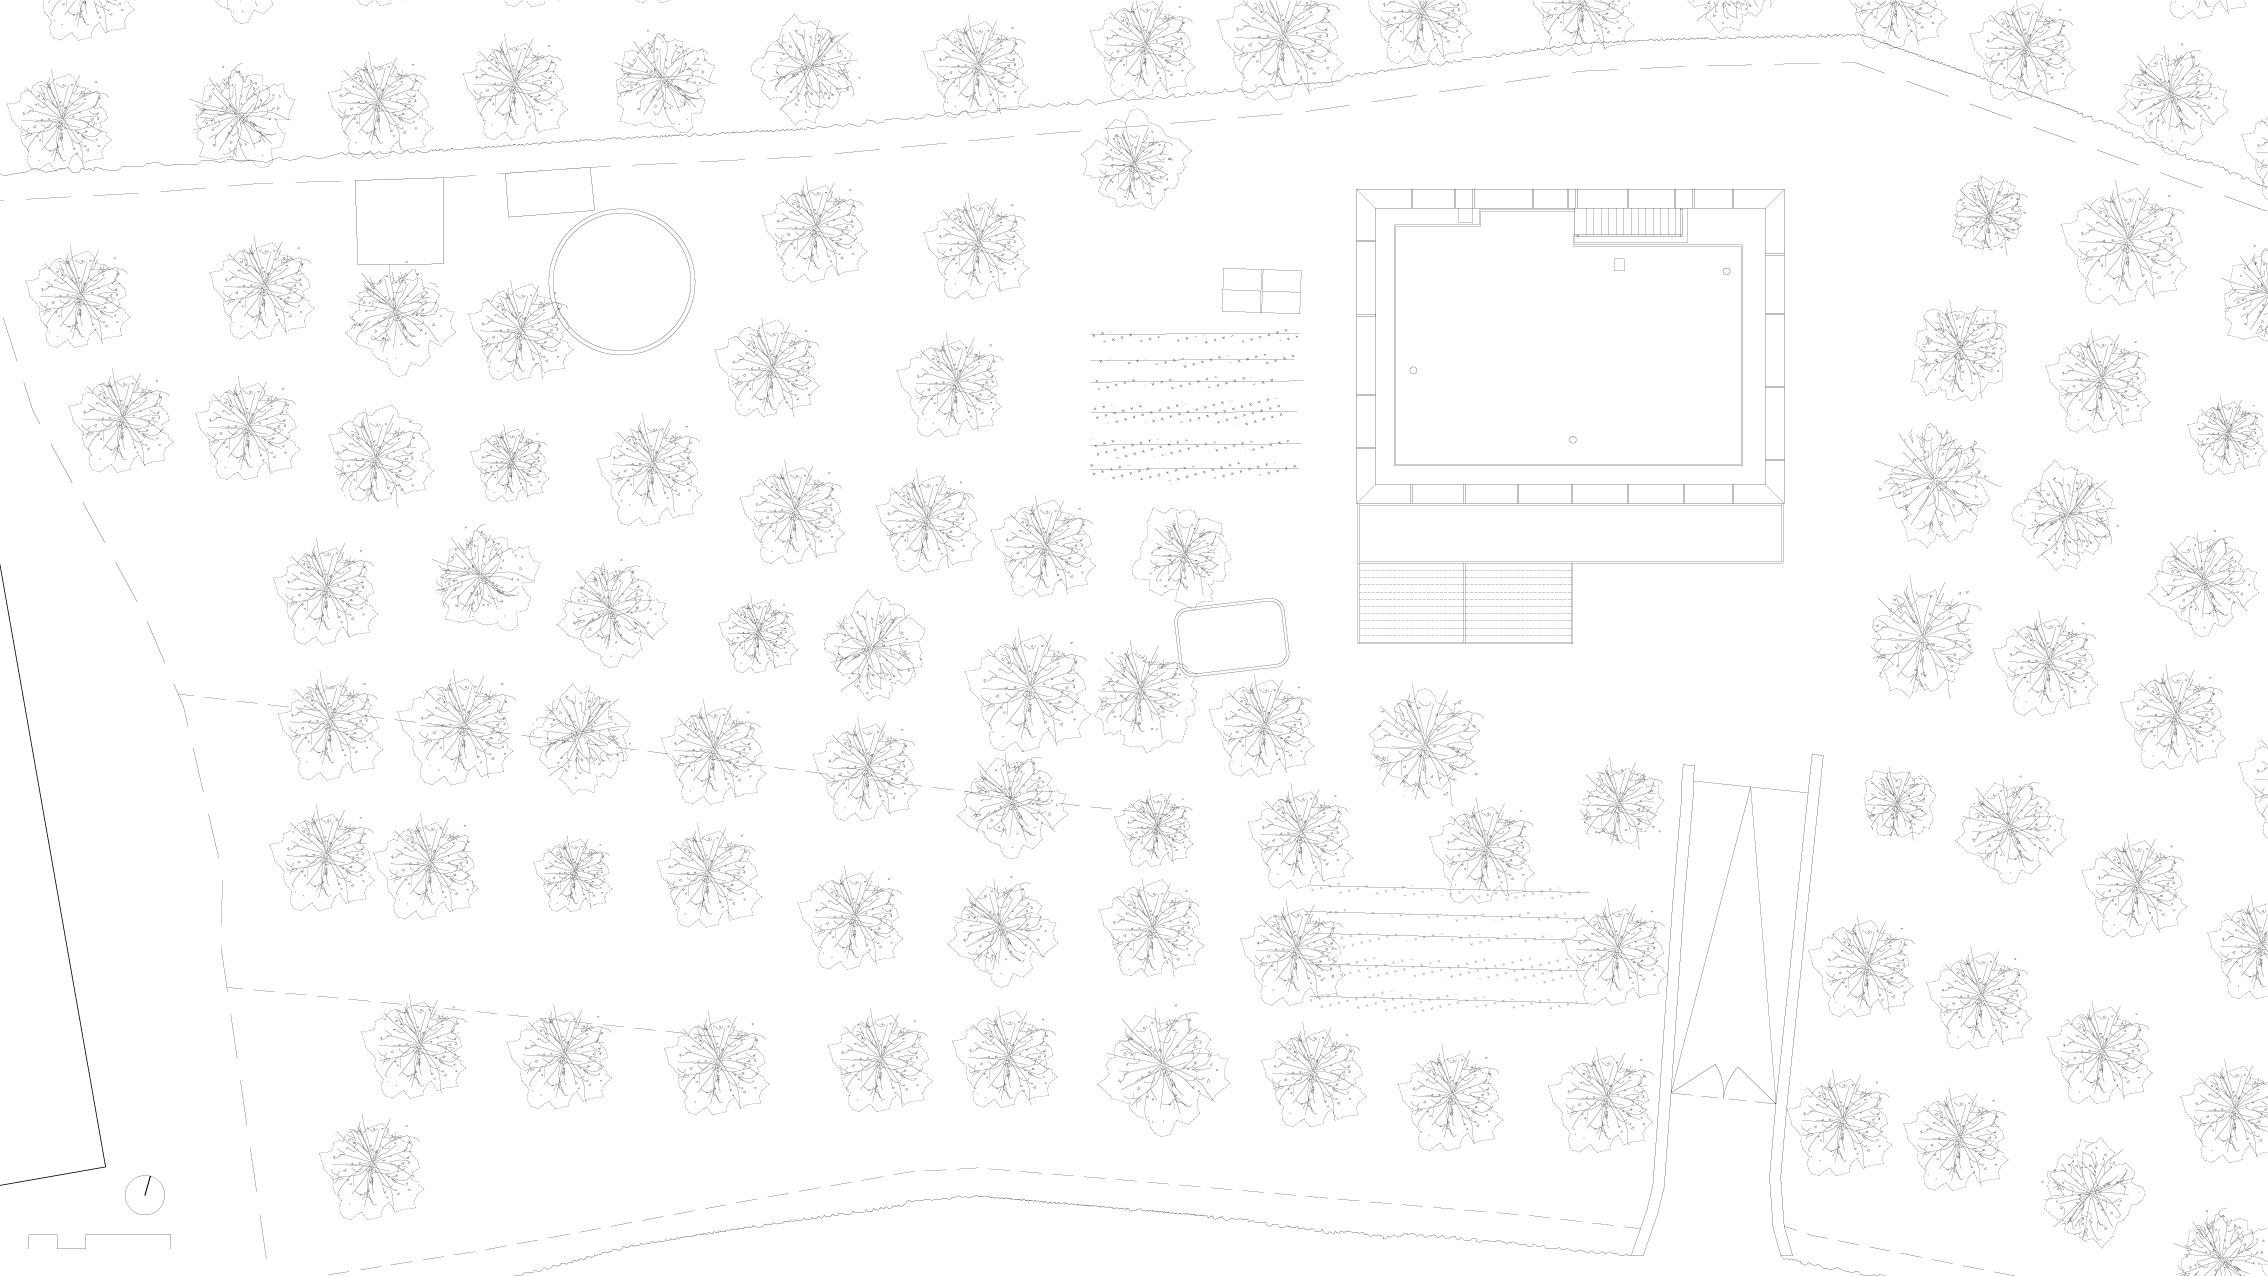 estiu_planta-coberta_100-wb.png